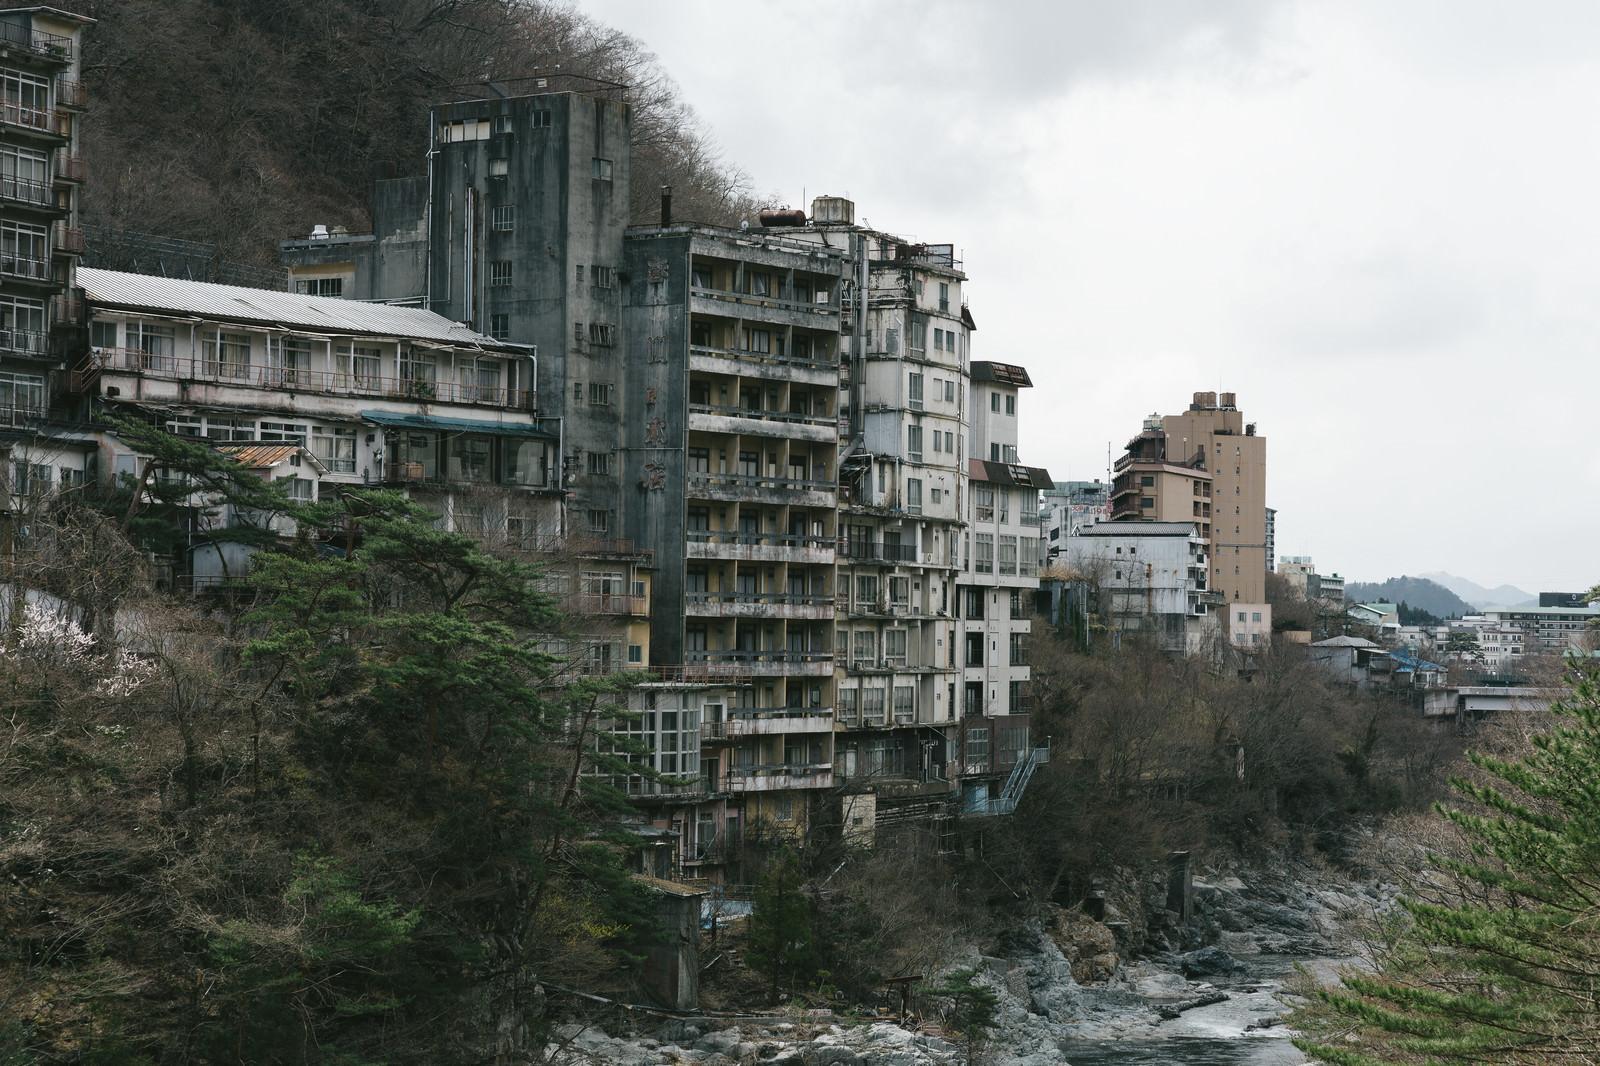 「鬼怒川の廃ホテル」の写真